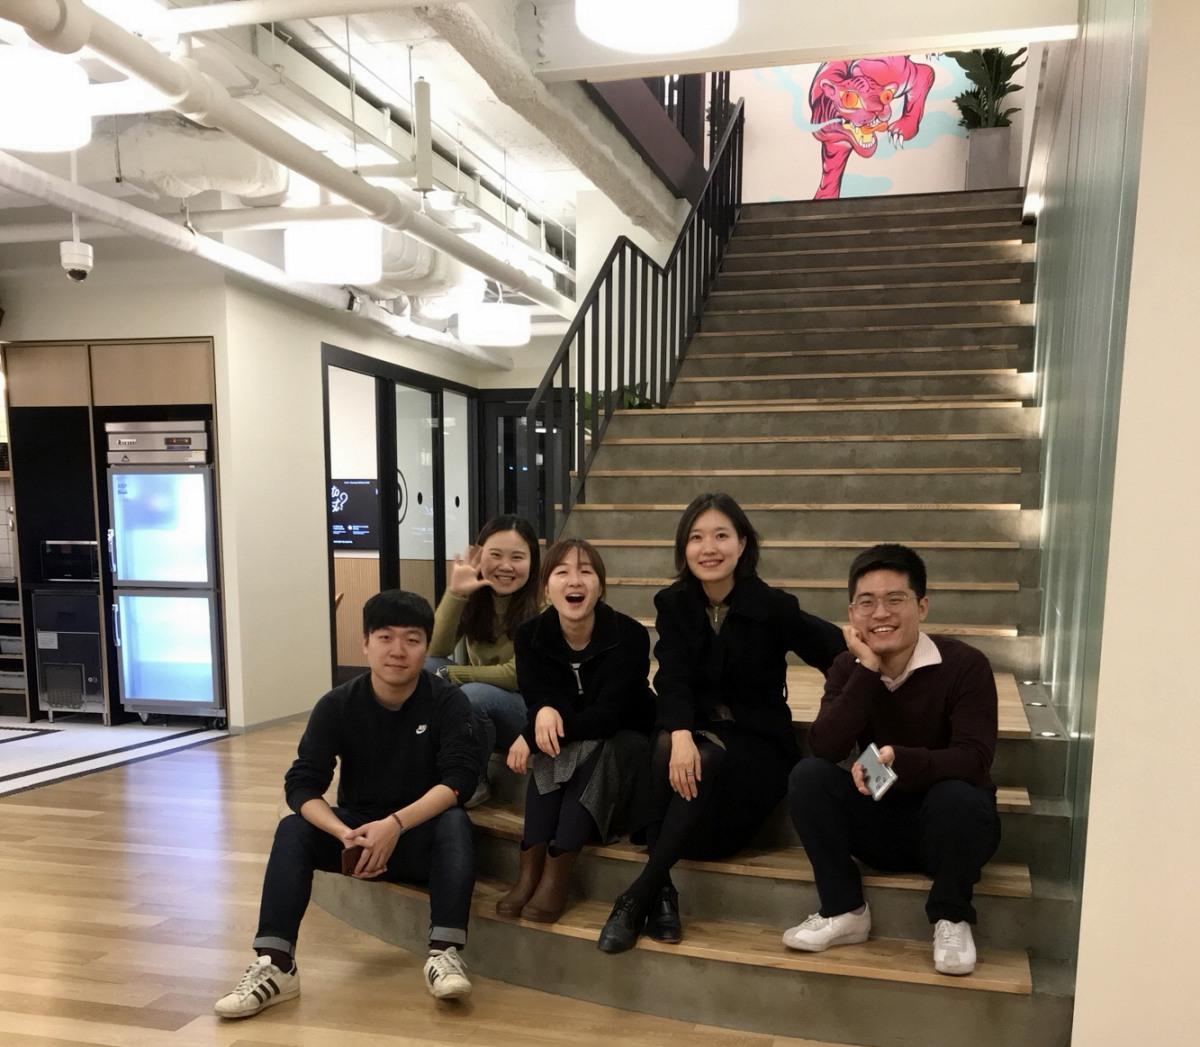 (왼쪽부터) 이육헌, 이승희, 정혜윤, 손하빈 마케터, 그리고 PUBLY 최우창 PM ⓒ이승희